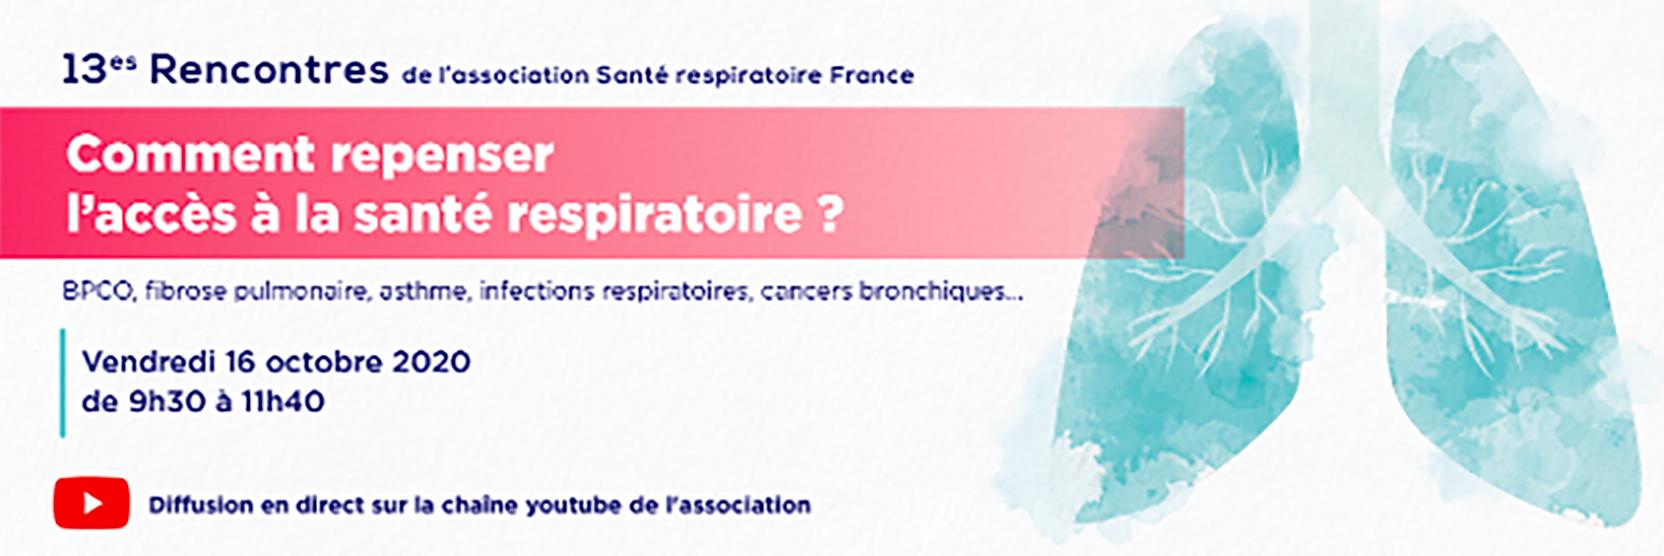 13ème Rencontres de l'association Santé respiratoire France